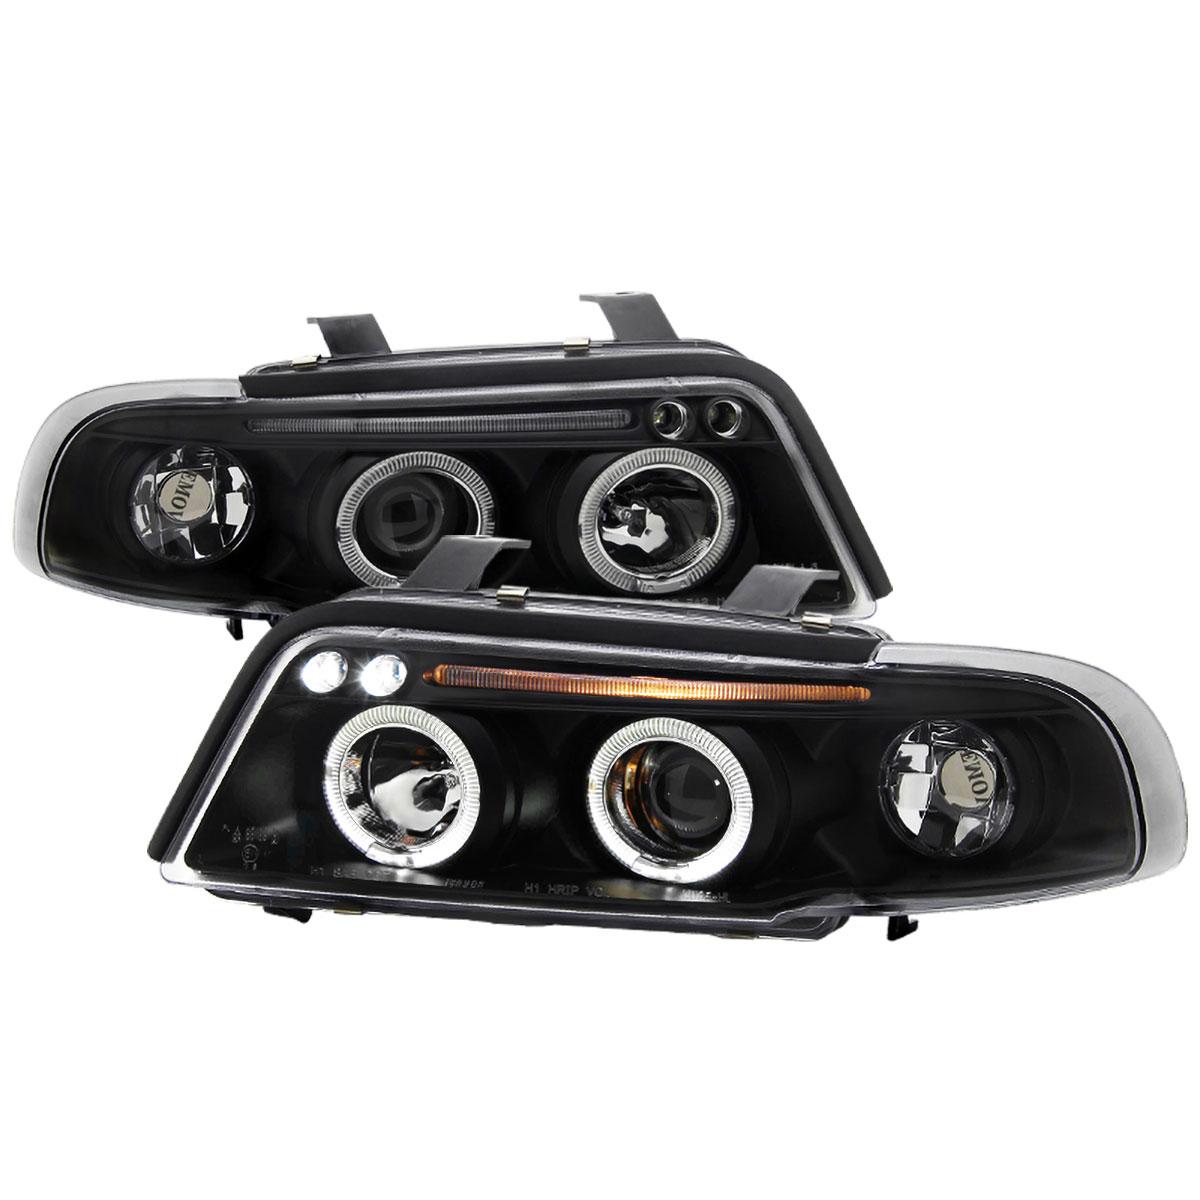 2001 Audi Tt Headlights: Spec-D Tuning LHP-A496JM-TM